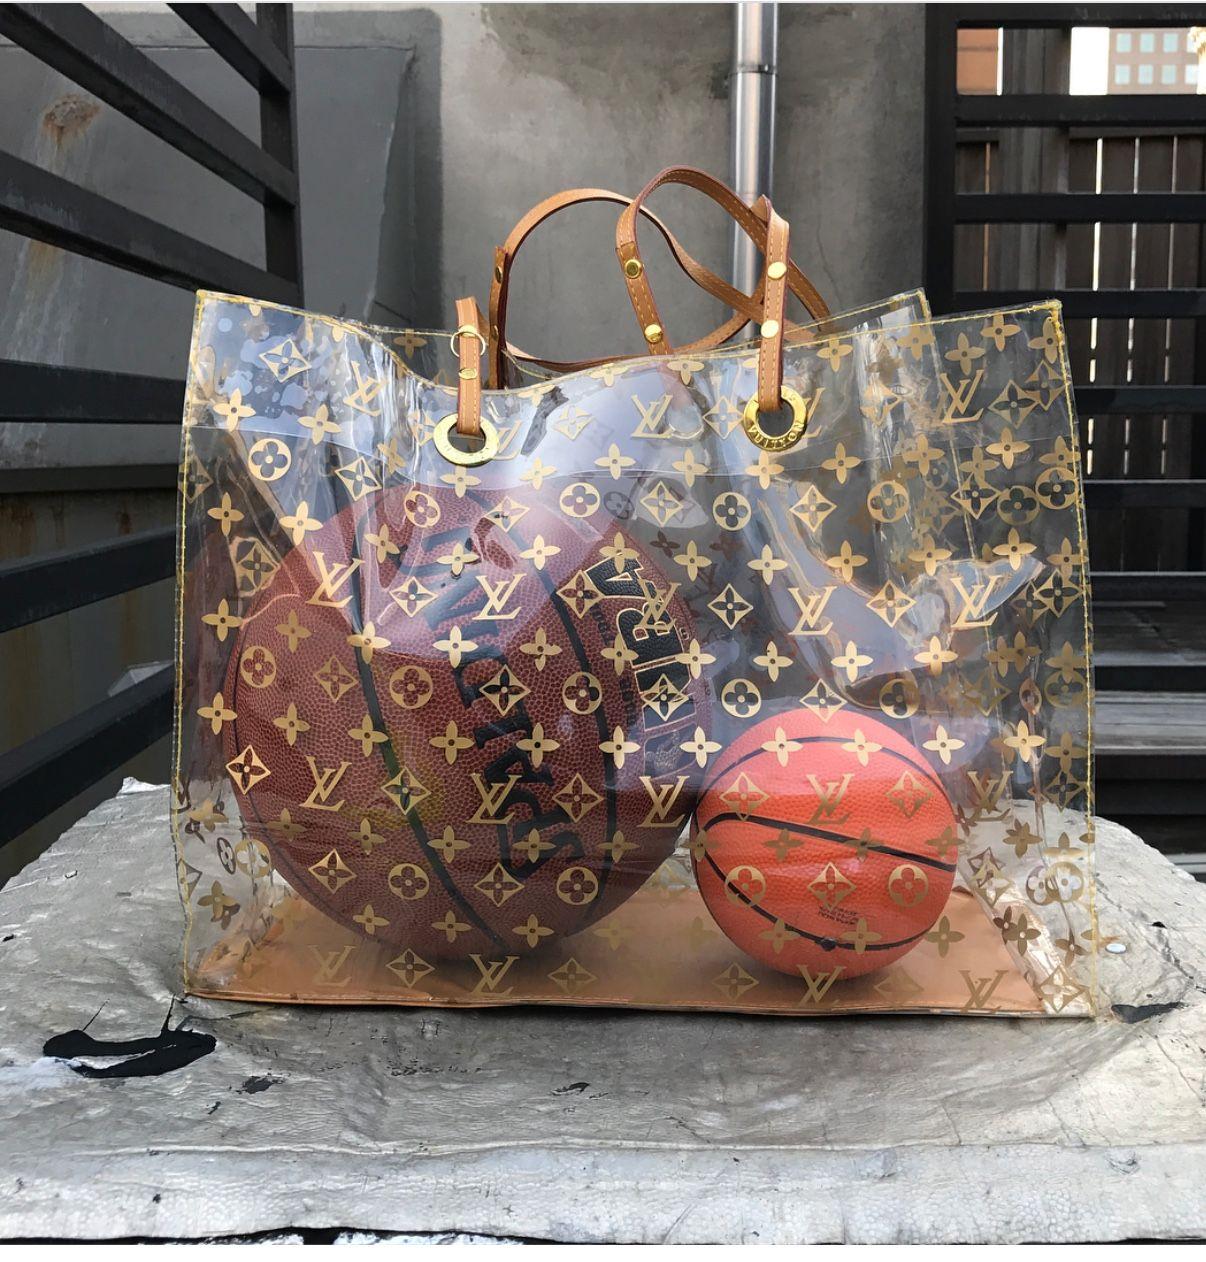 86bbf752e0dc Clear LV bag ✨ | Designer Handbags in 2019 | Louis vuitton handbags ...